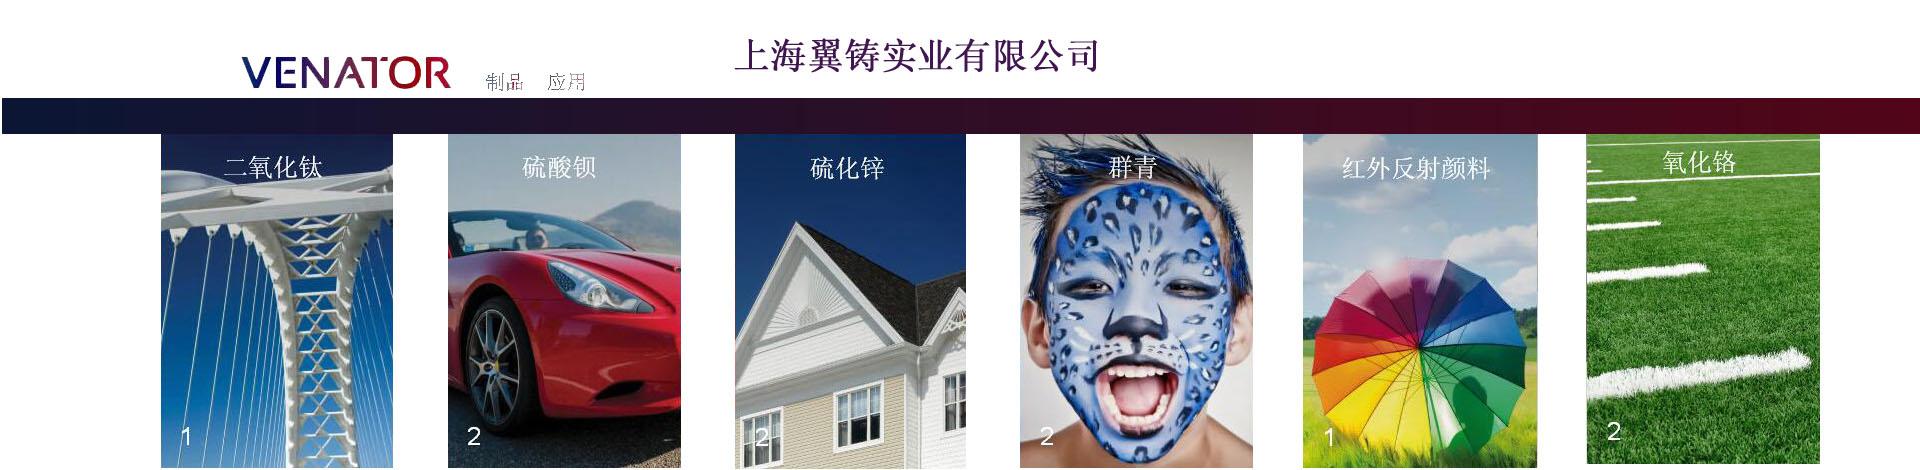 上海翼铸实业有限公司